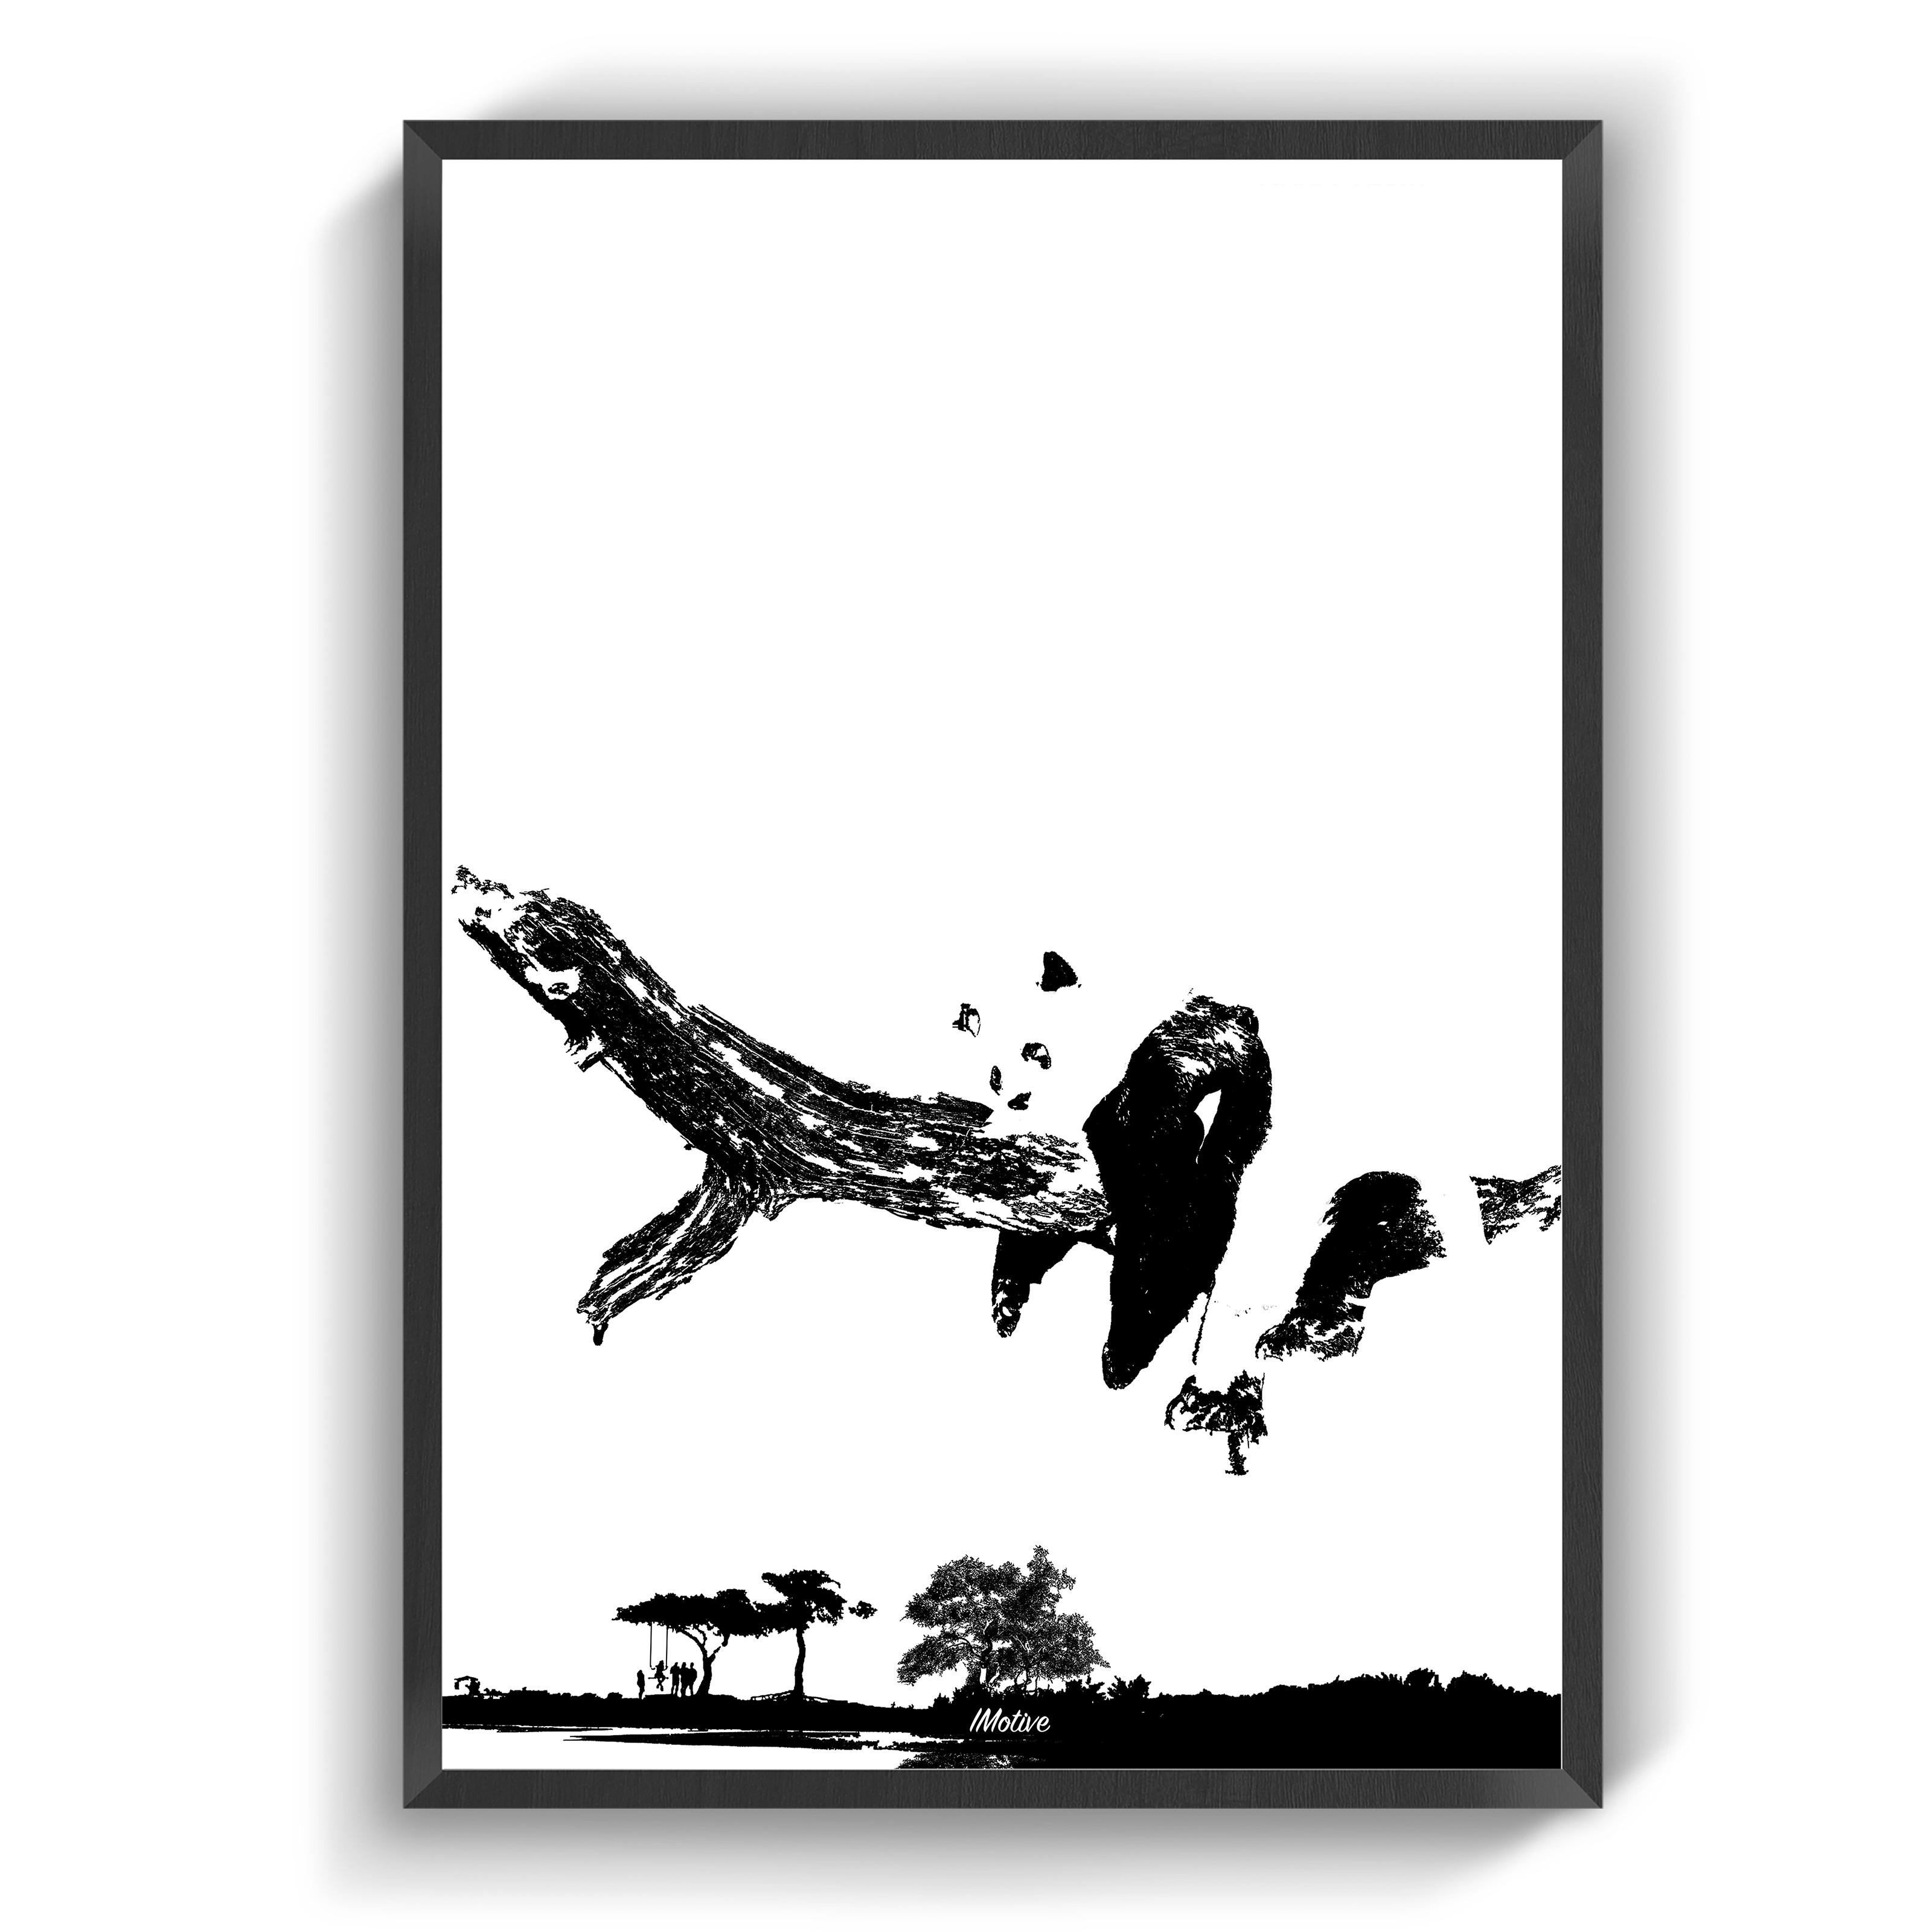 Plakater Pandaen Plakater Billeder Farver